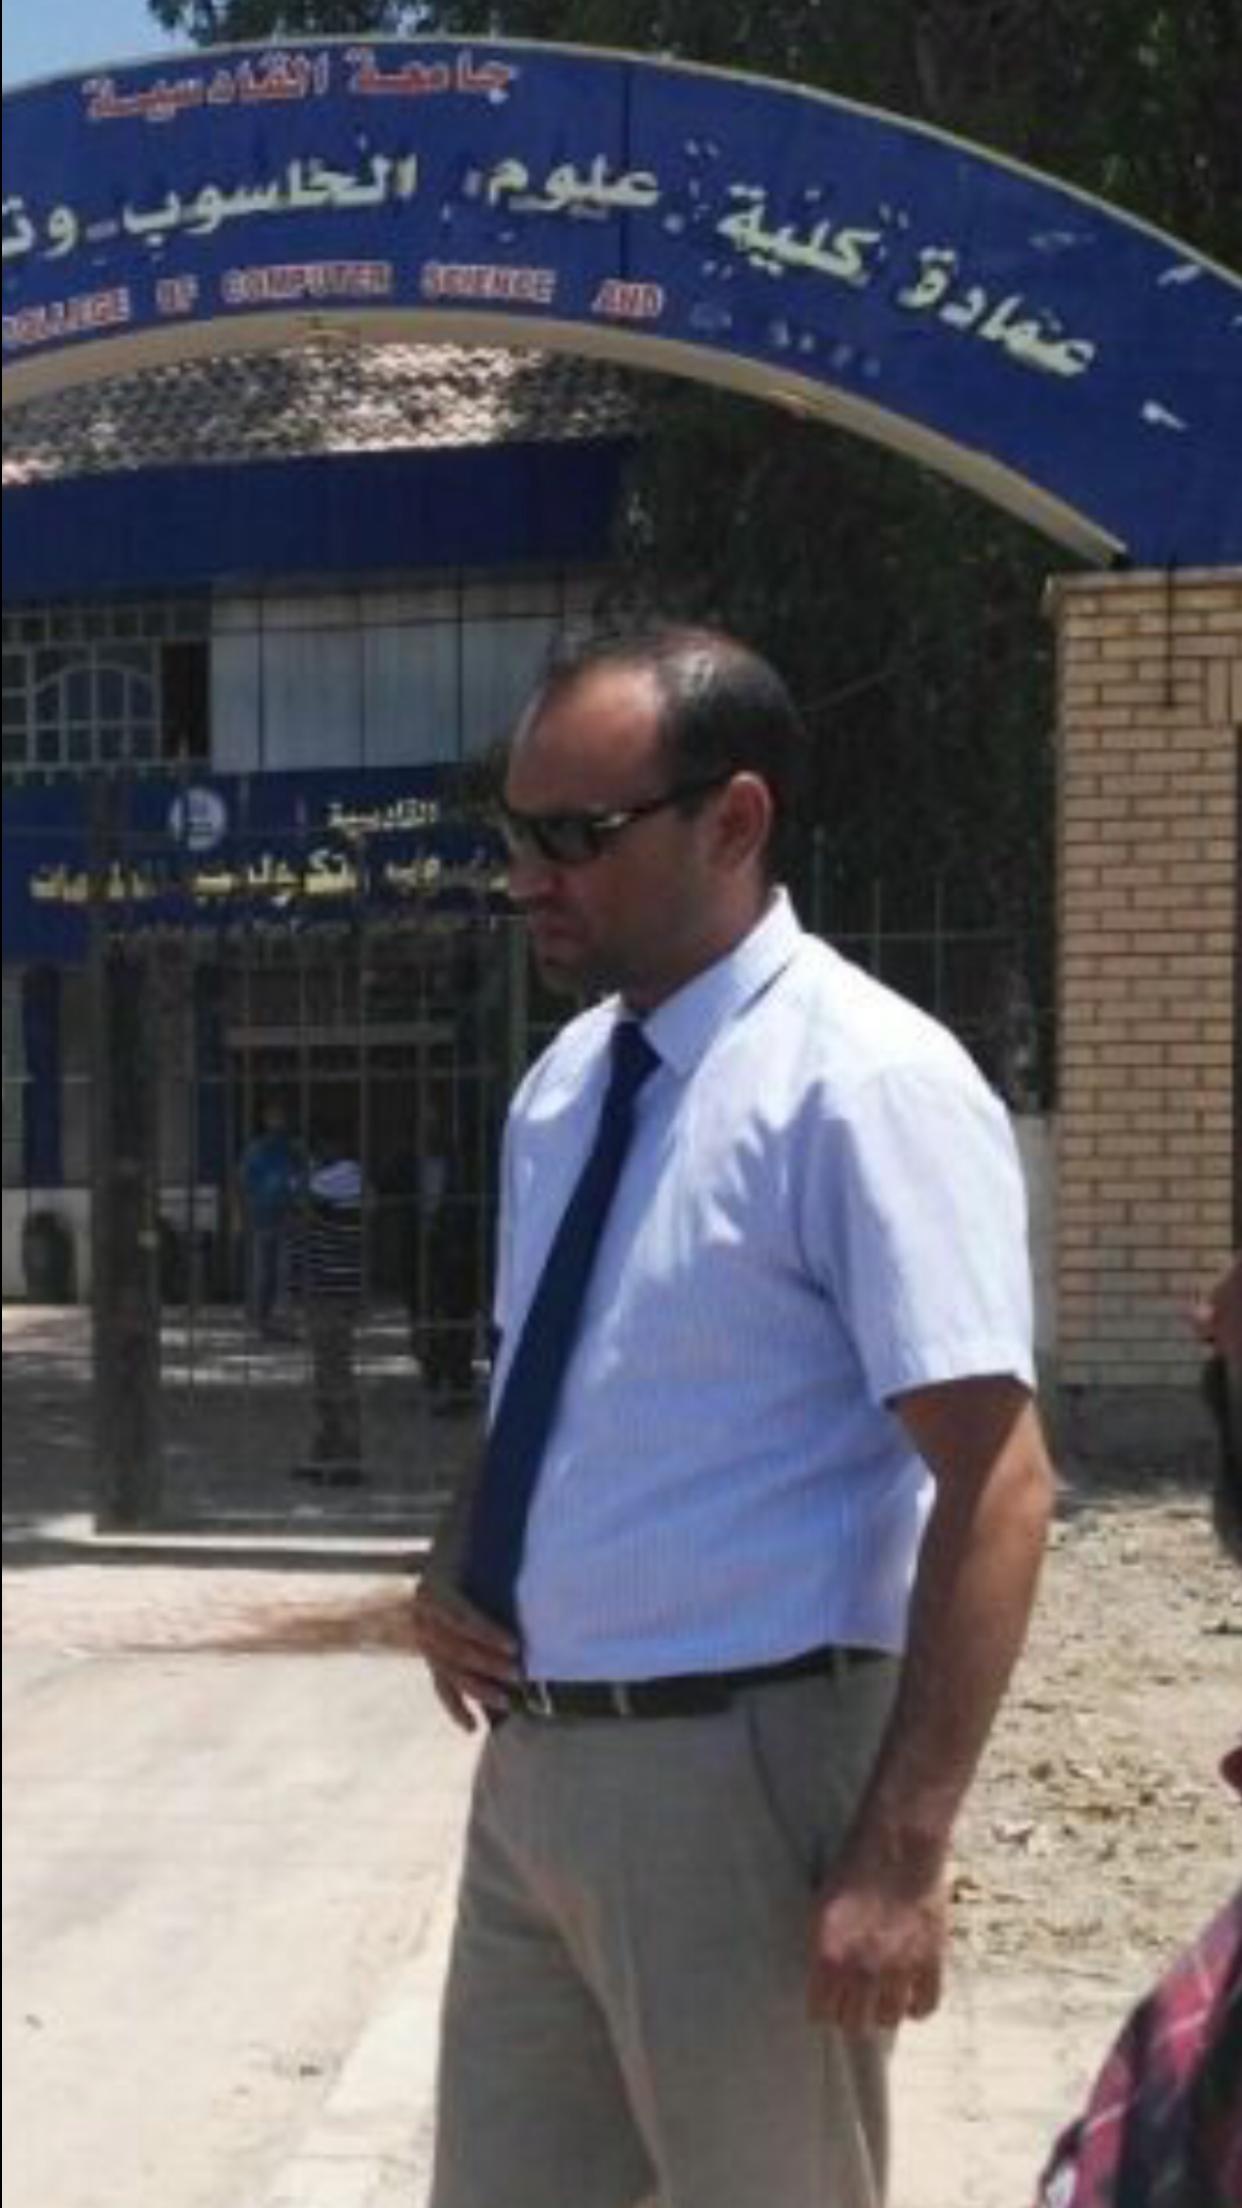 تهنئة  للأستاذ المساعد الدكتور منتصر جابر جواد بمناسبة تسنمه منصب عميد كلية علوم الحاسوب وتكنولوجيا المعلومات